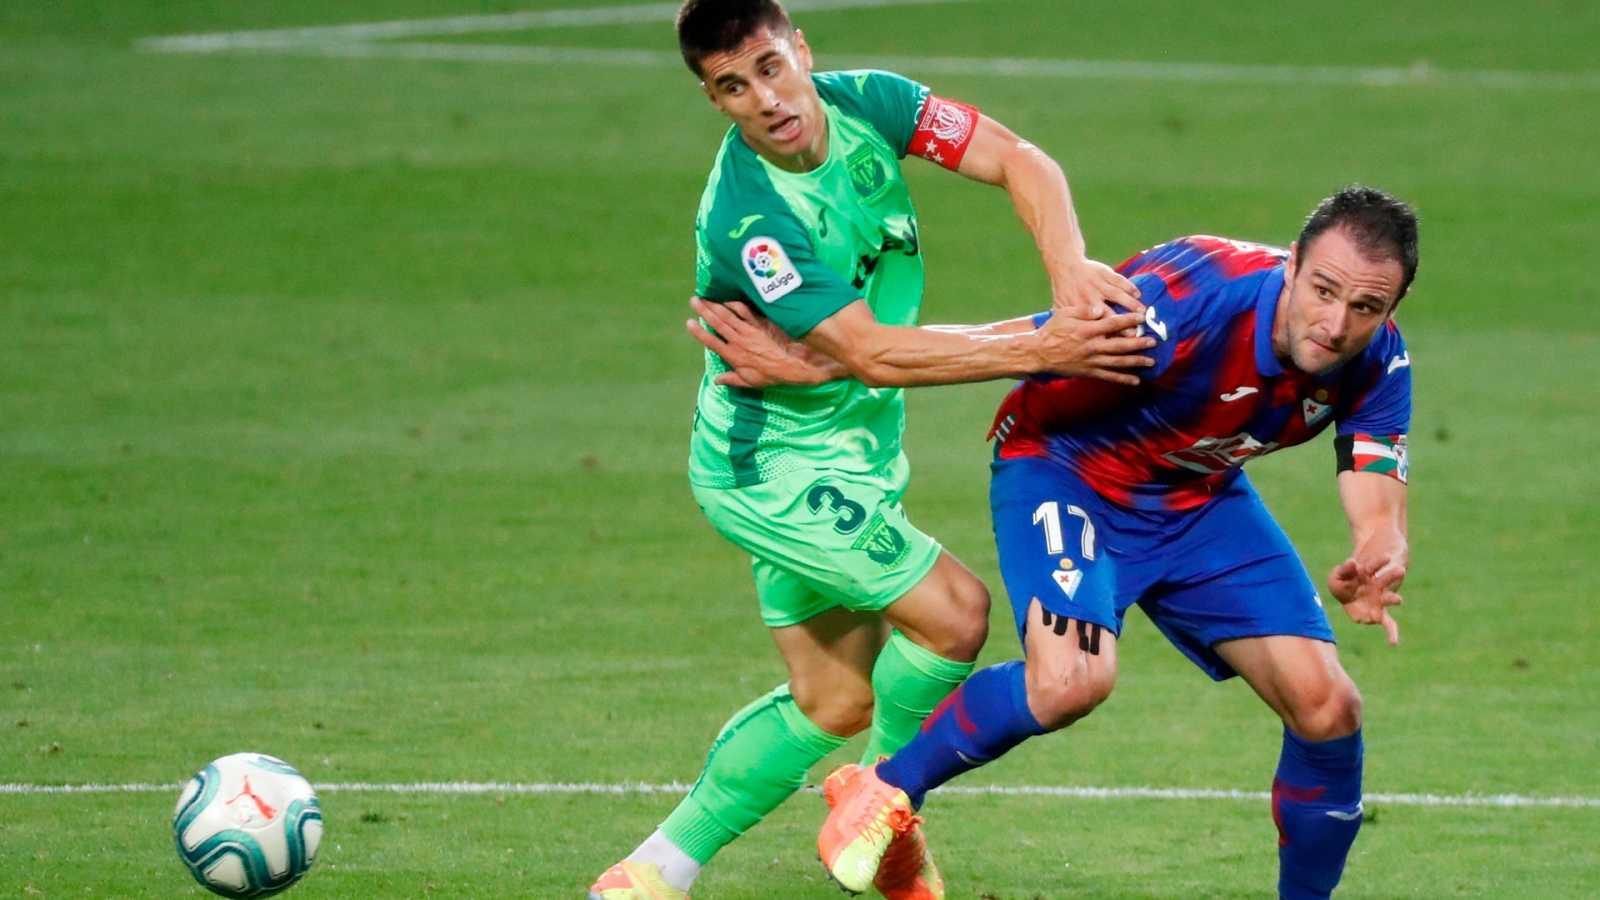 El defensa de Leganés Unai Bustinza (i) presiona al delantero del Eibar Kike García